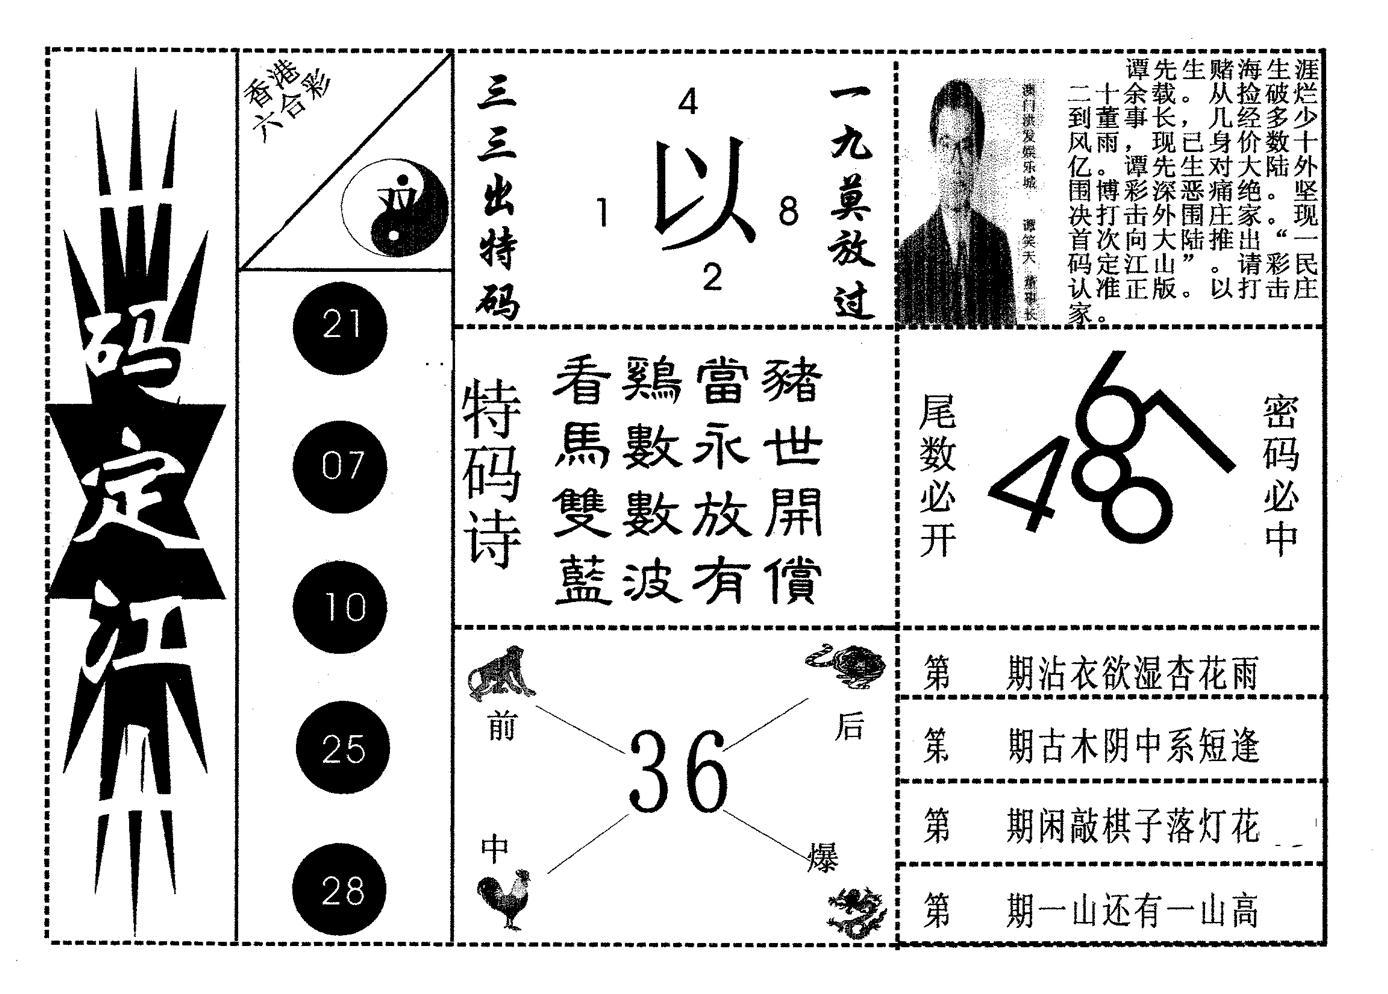 075期一码定江山(黑白)